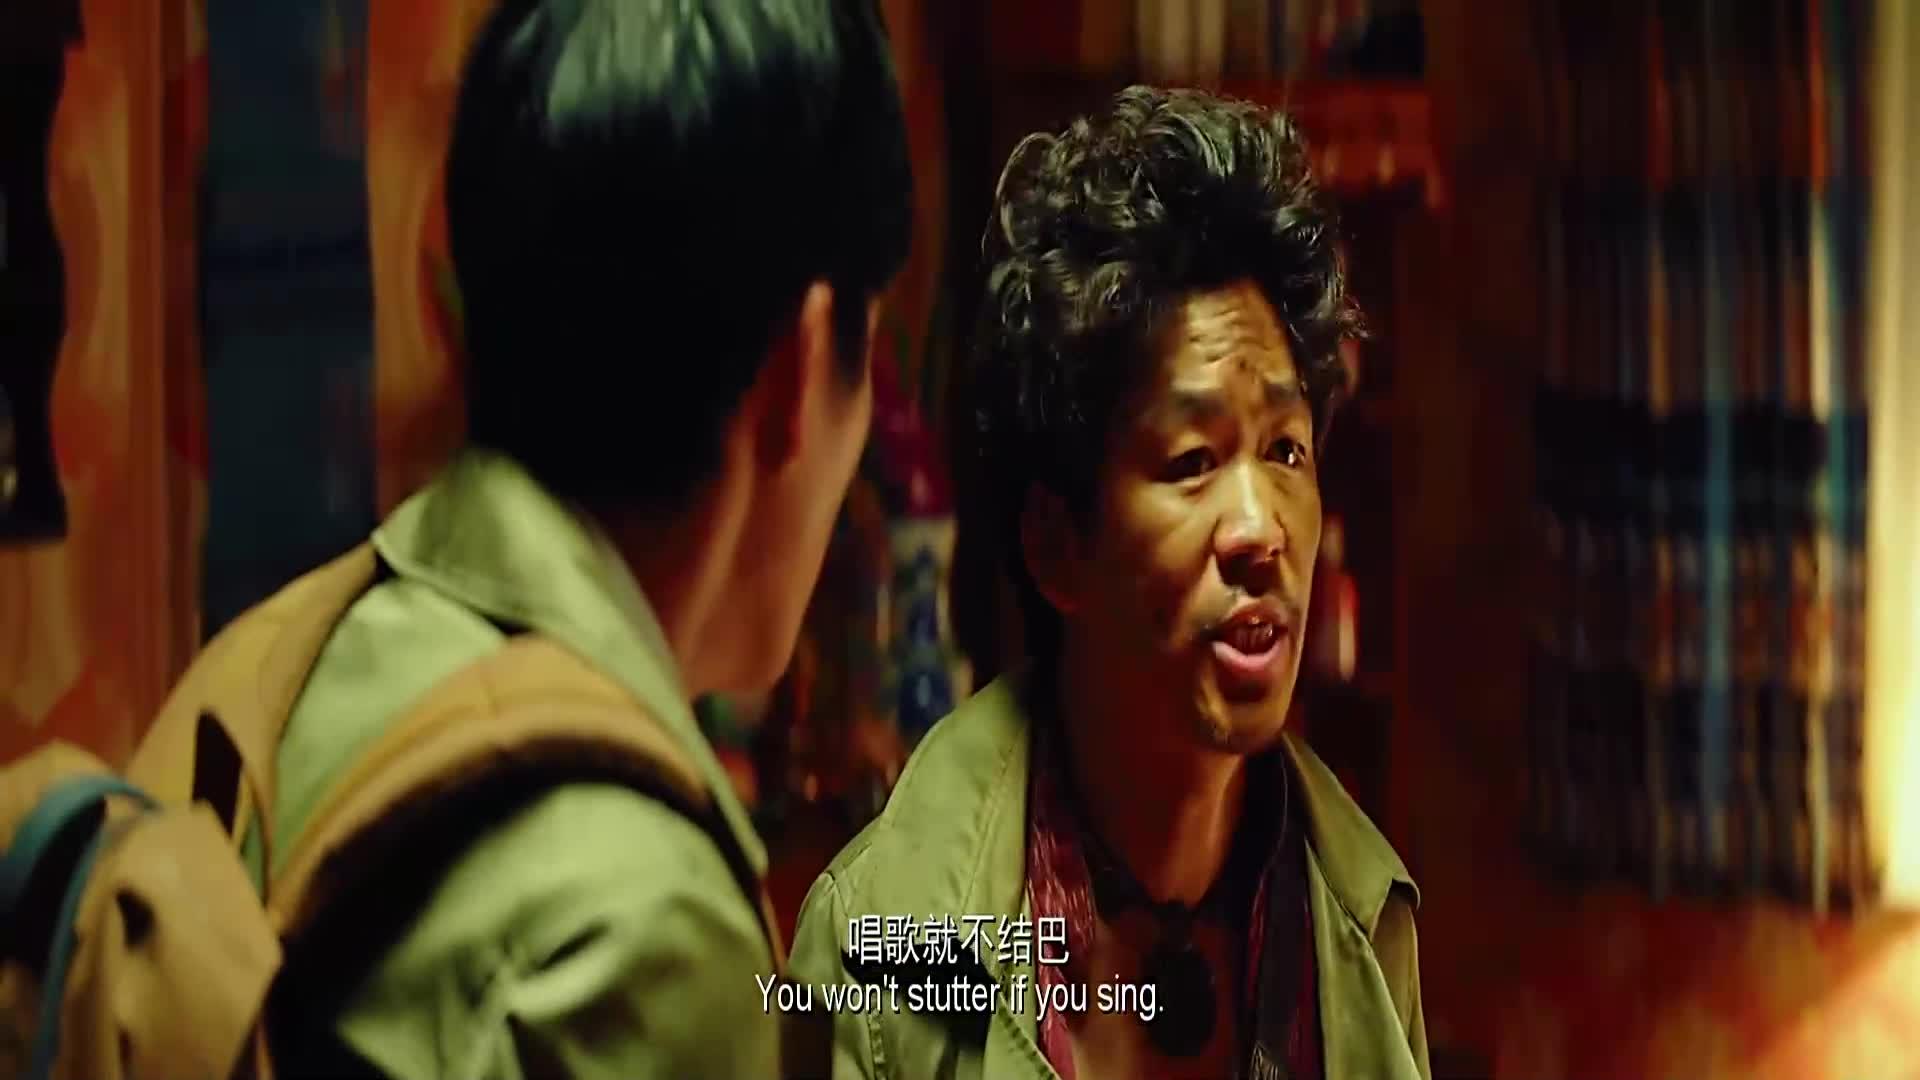 唐人街探案1:王宝强教刘昊然唱歌,绑匪看蒙圈,笑到肚子痛!